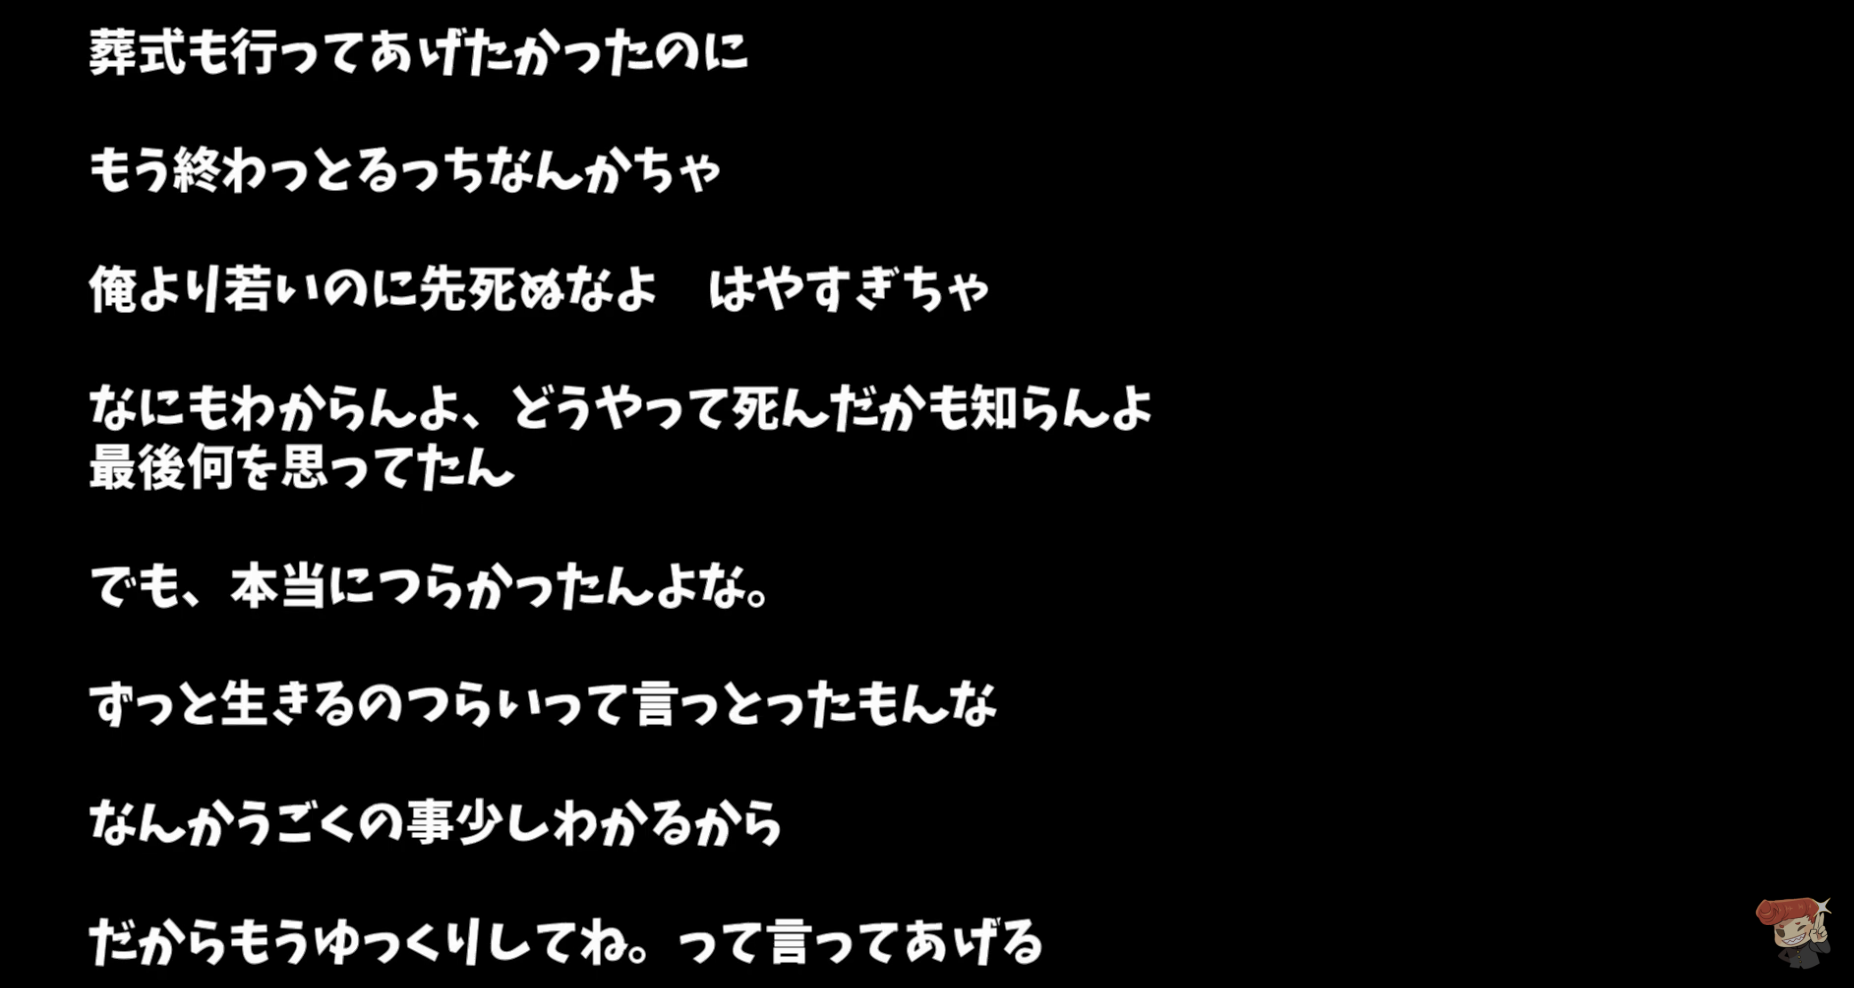 うごくちゃんの死について(ウララ総長のYouTubeより)